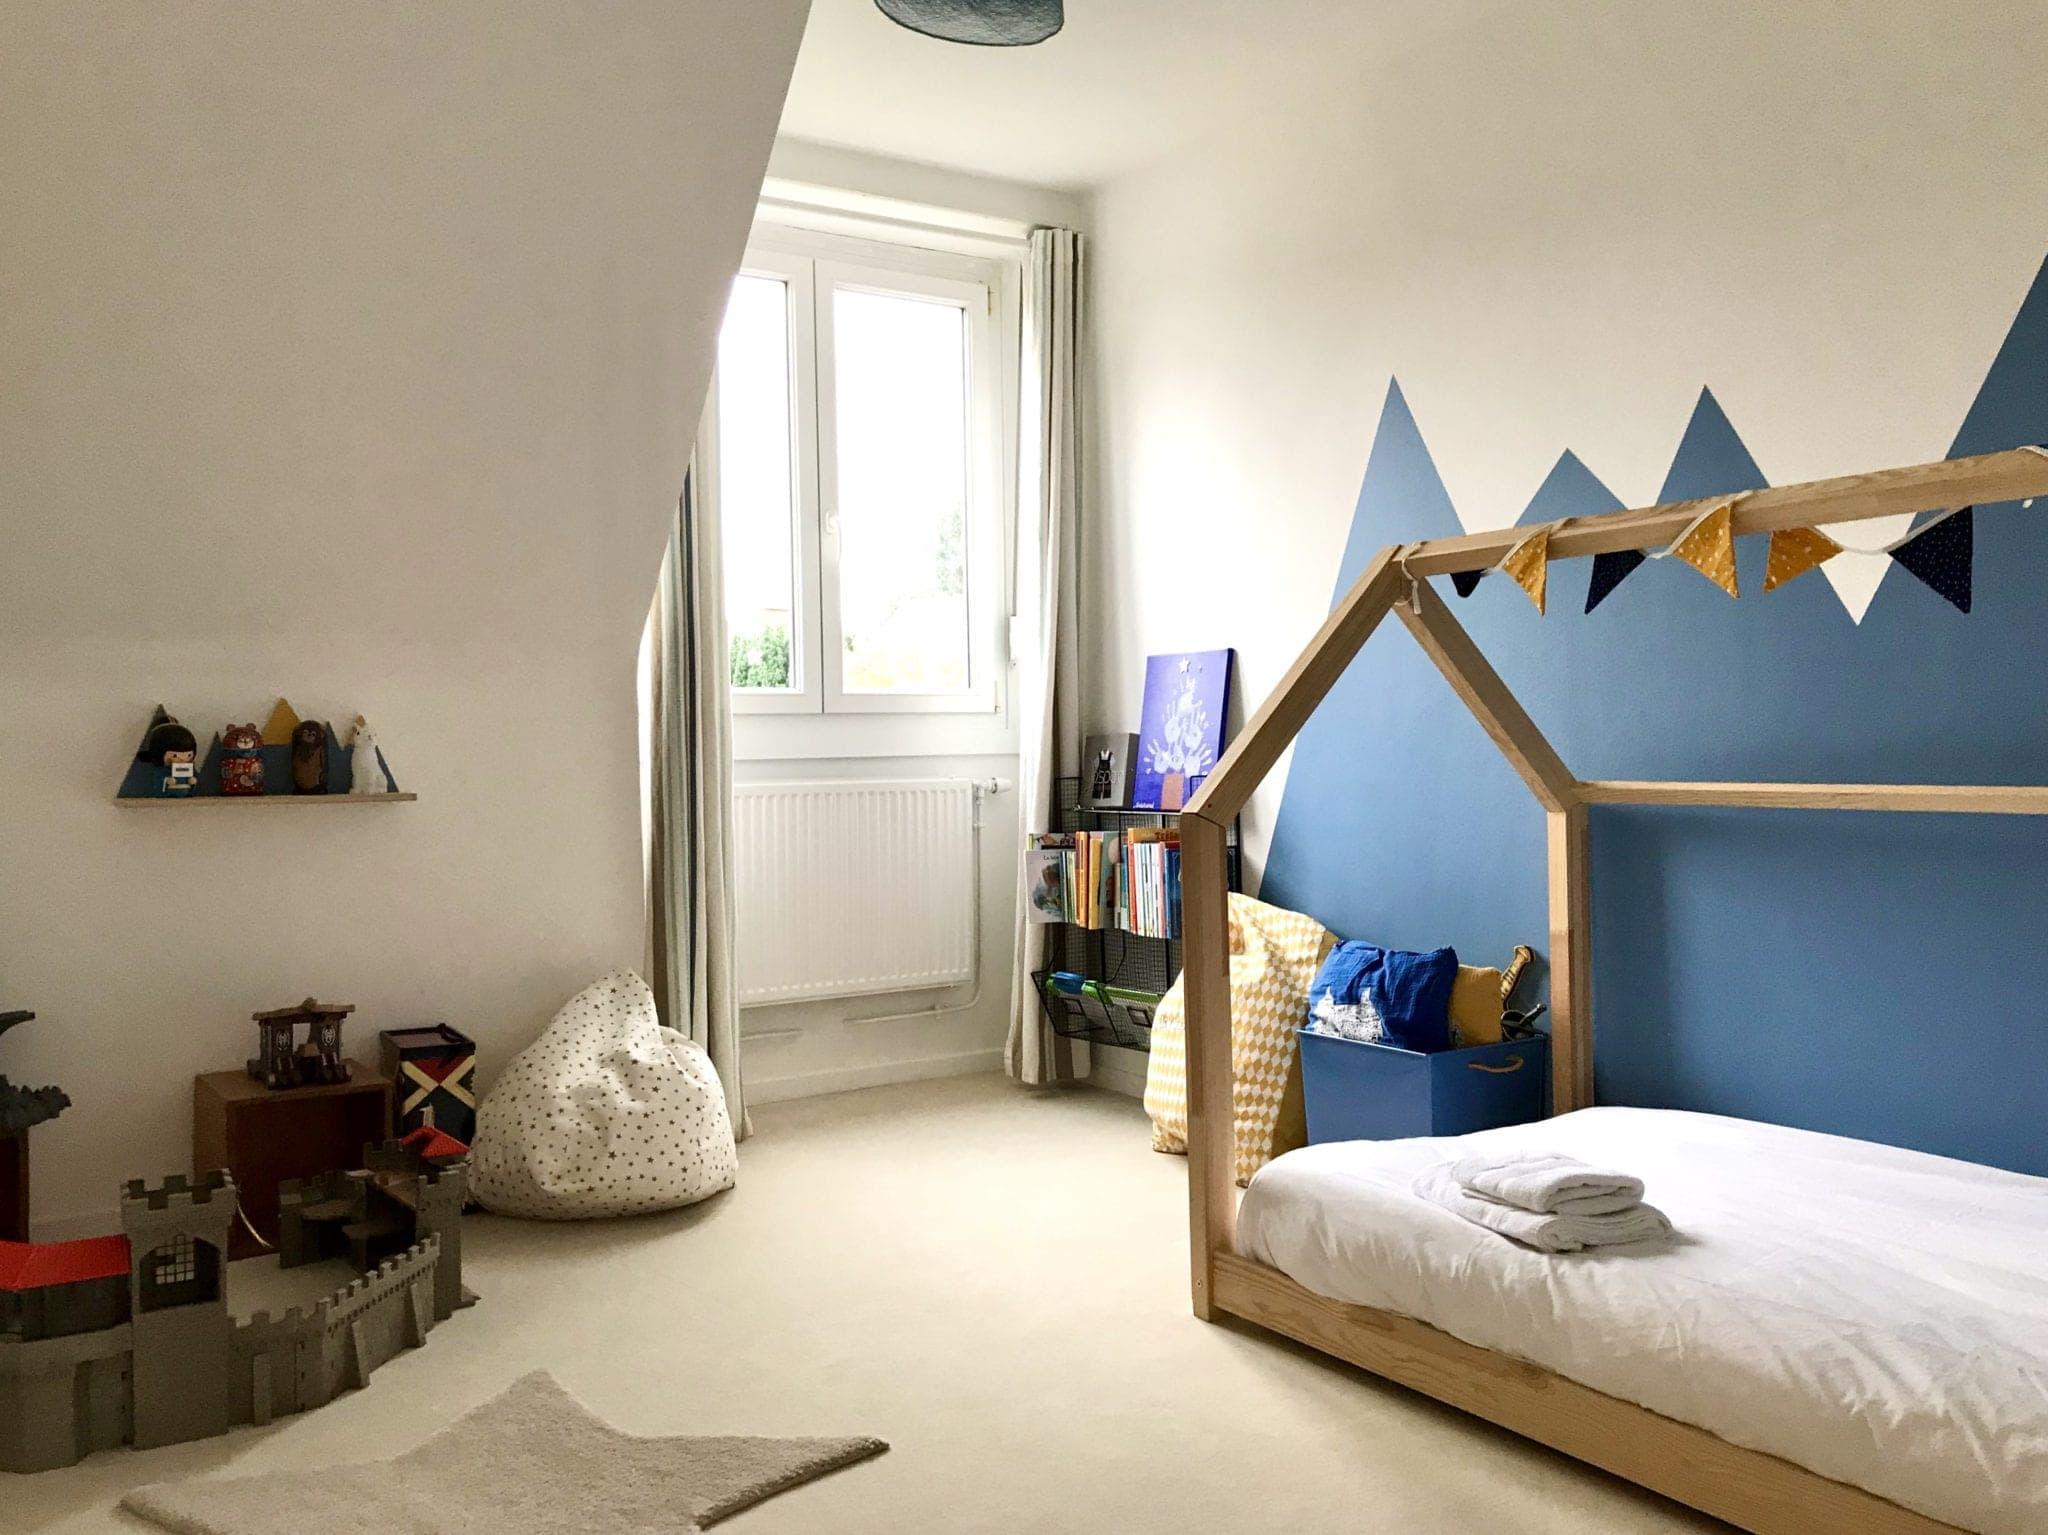 chambre d'enfant avec lit cabane et montagnes en peinture